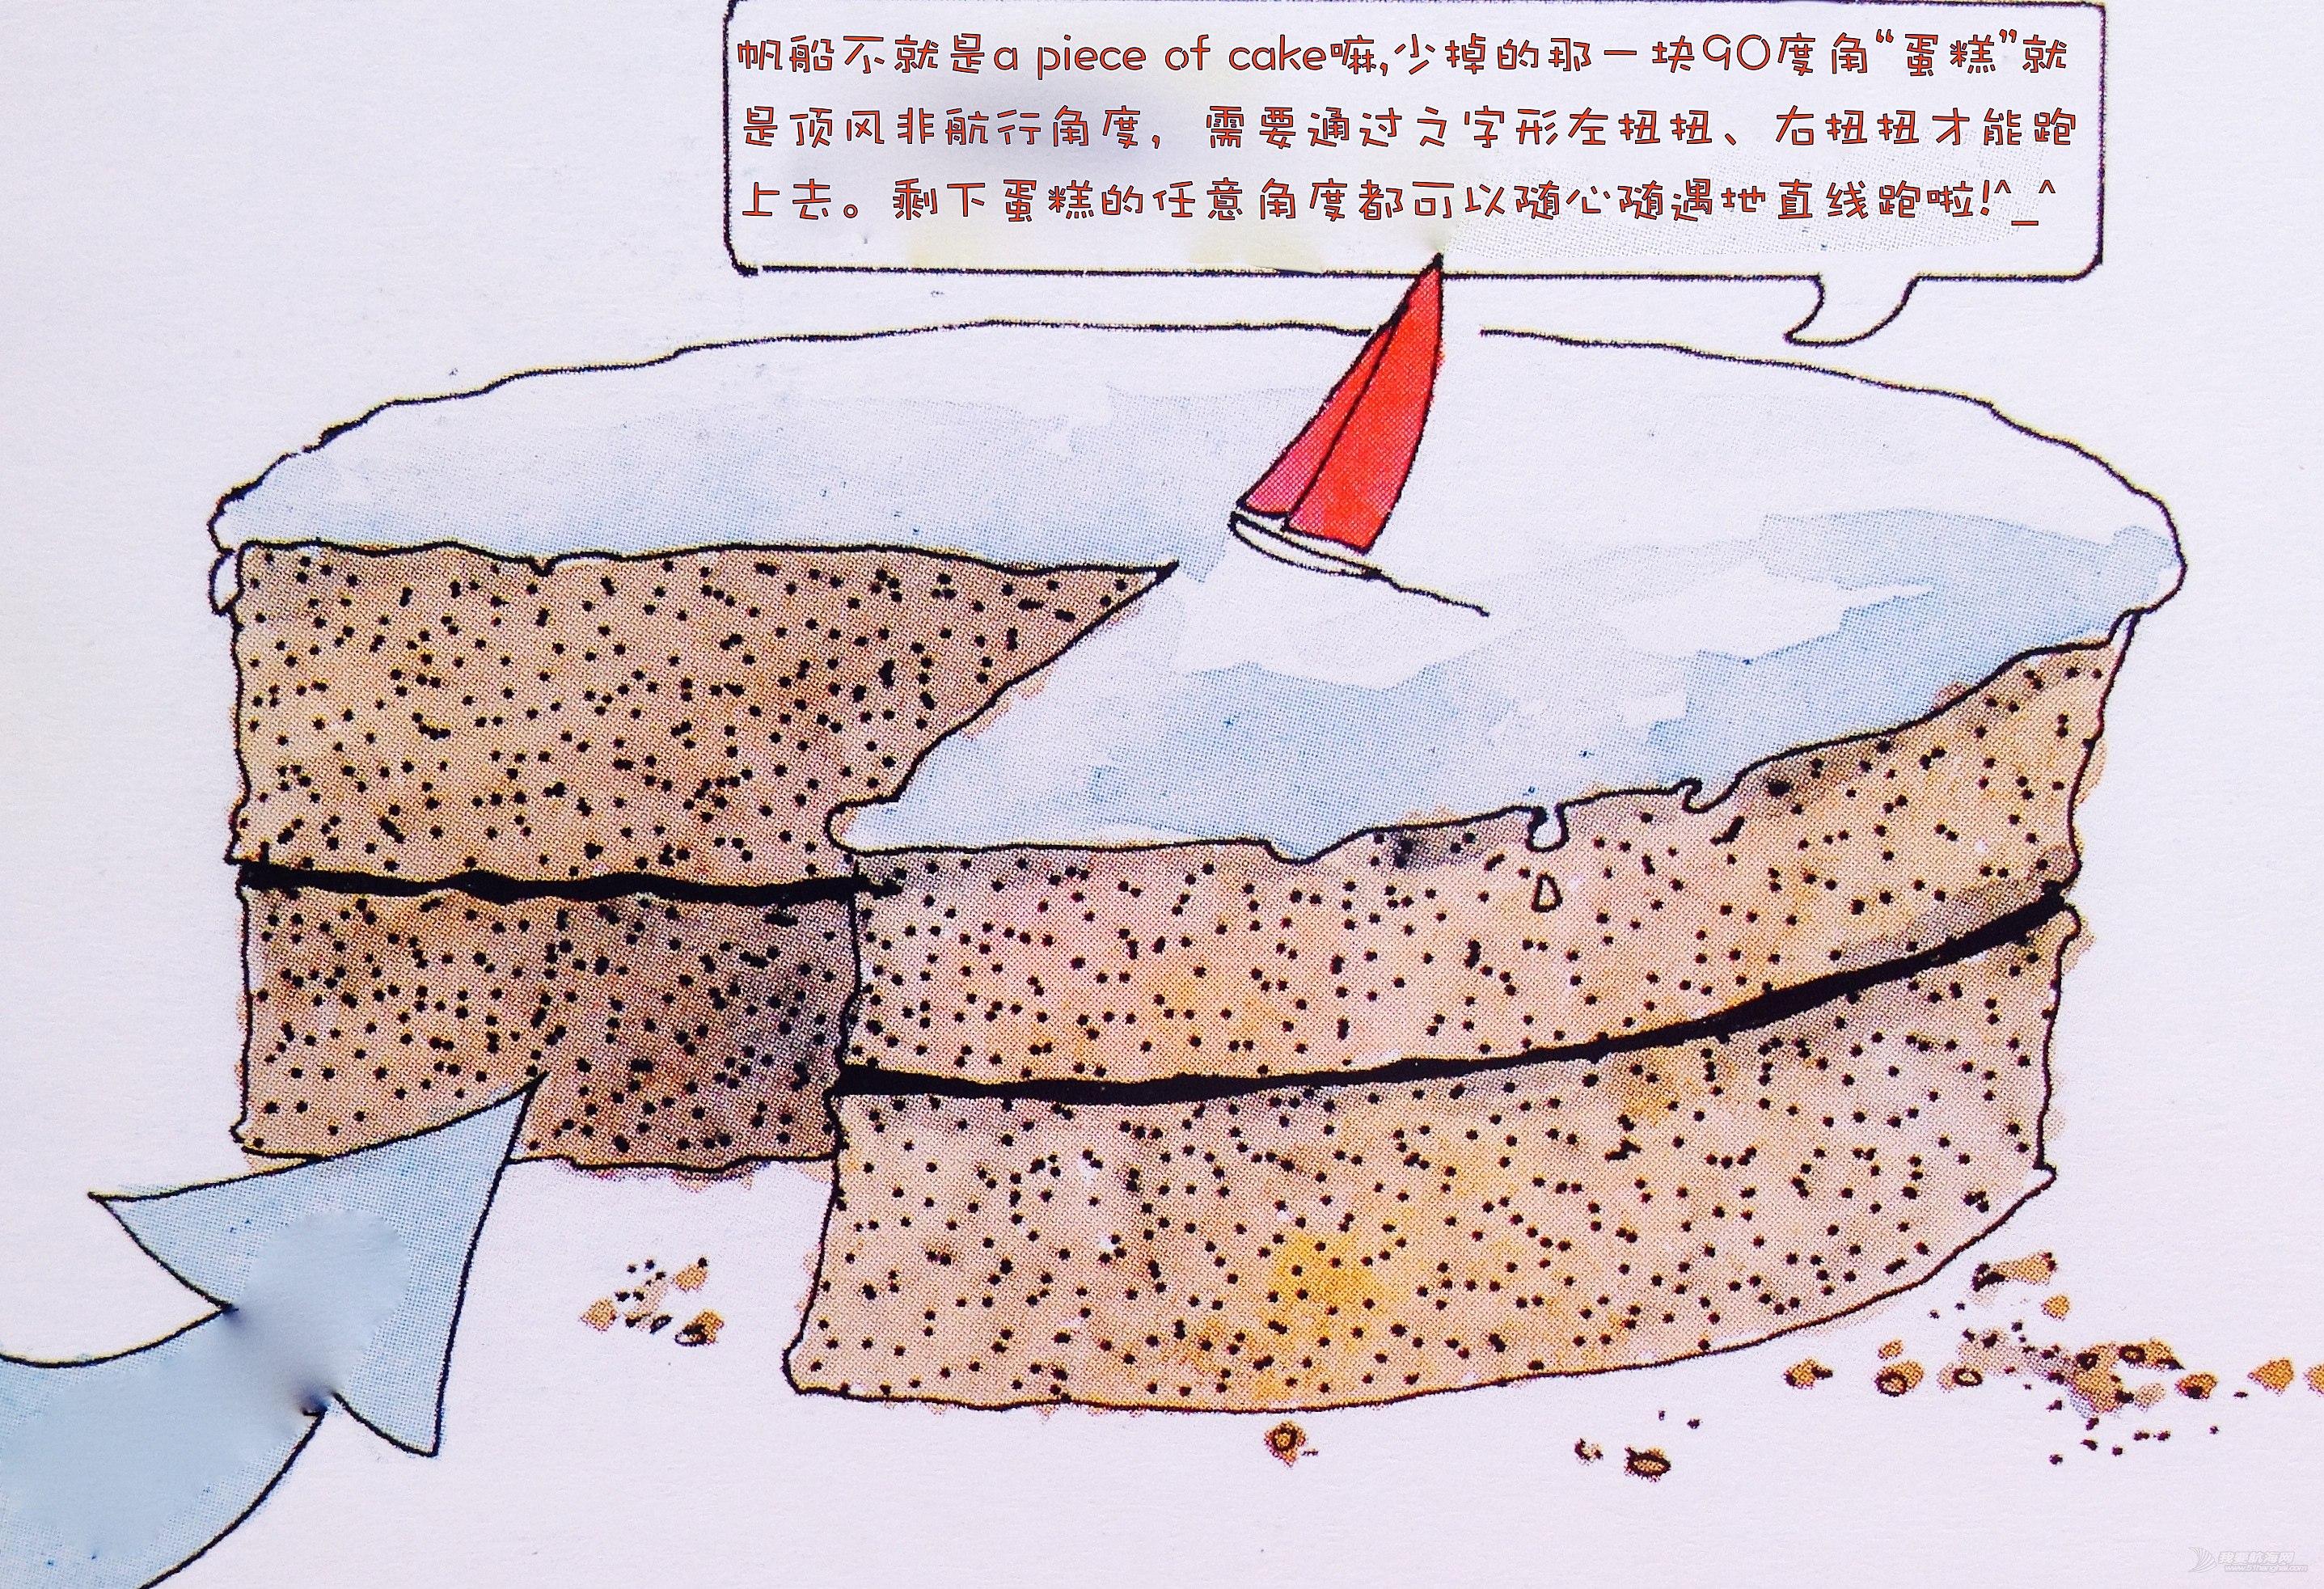 上风,迎风航线,徐莉佳,帆船,如何 帆船是如何前进的?这里我们需要讲些理论知识咯---徐莉佳漫画